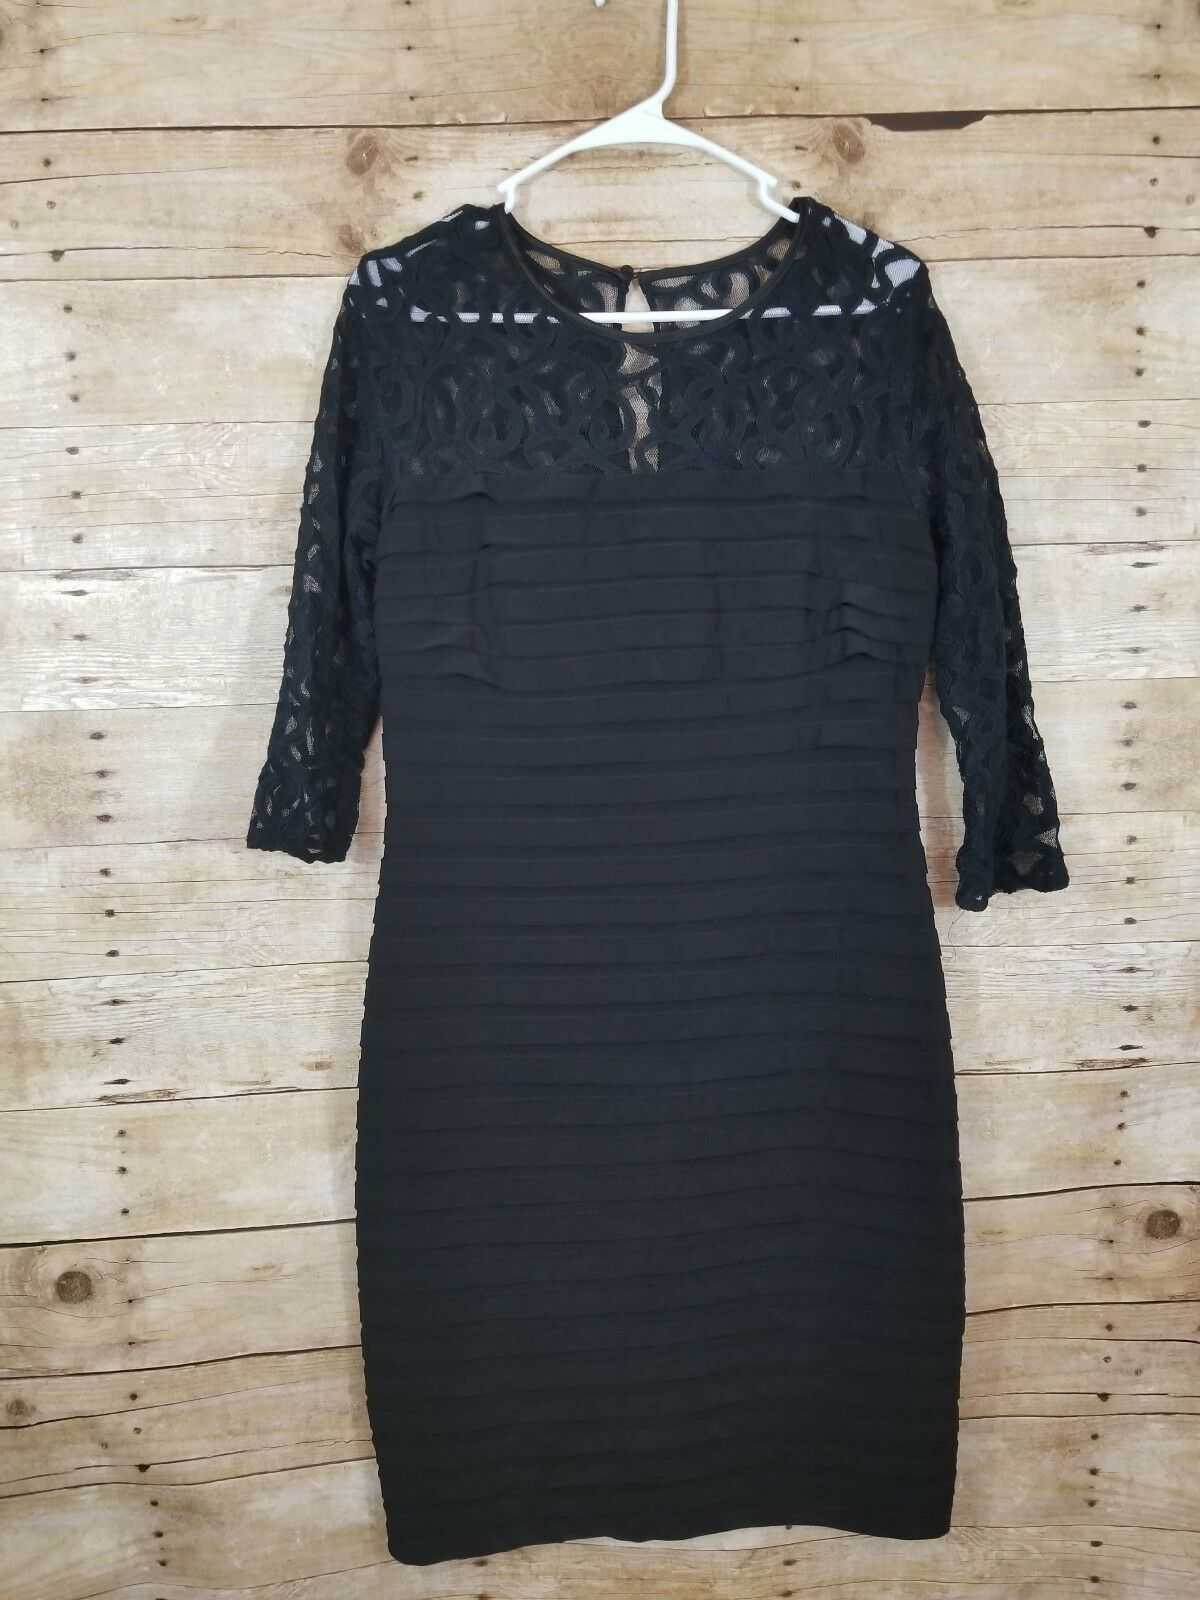 Adrianna Papell schwarz Lace Bodycon 3 4 sleeve Dress Woherren Größe 12